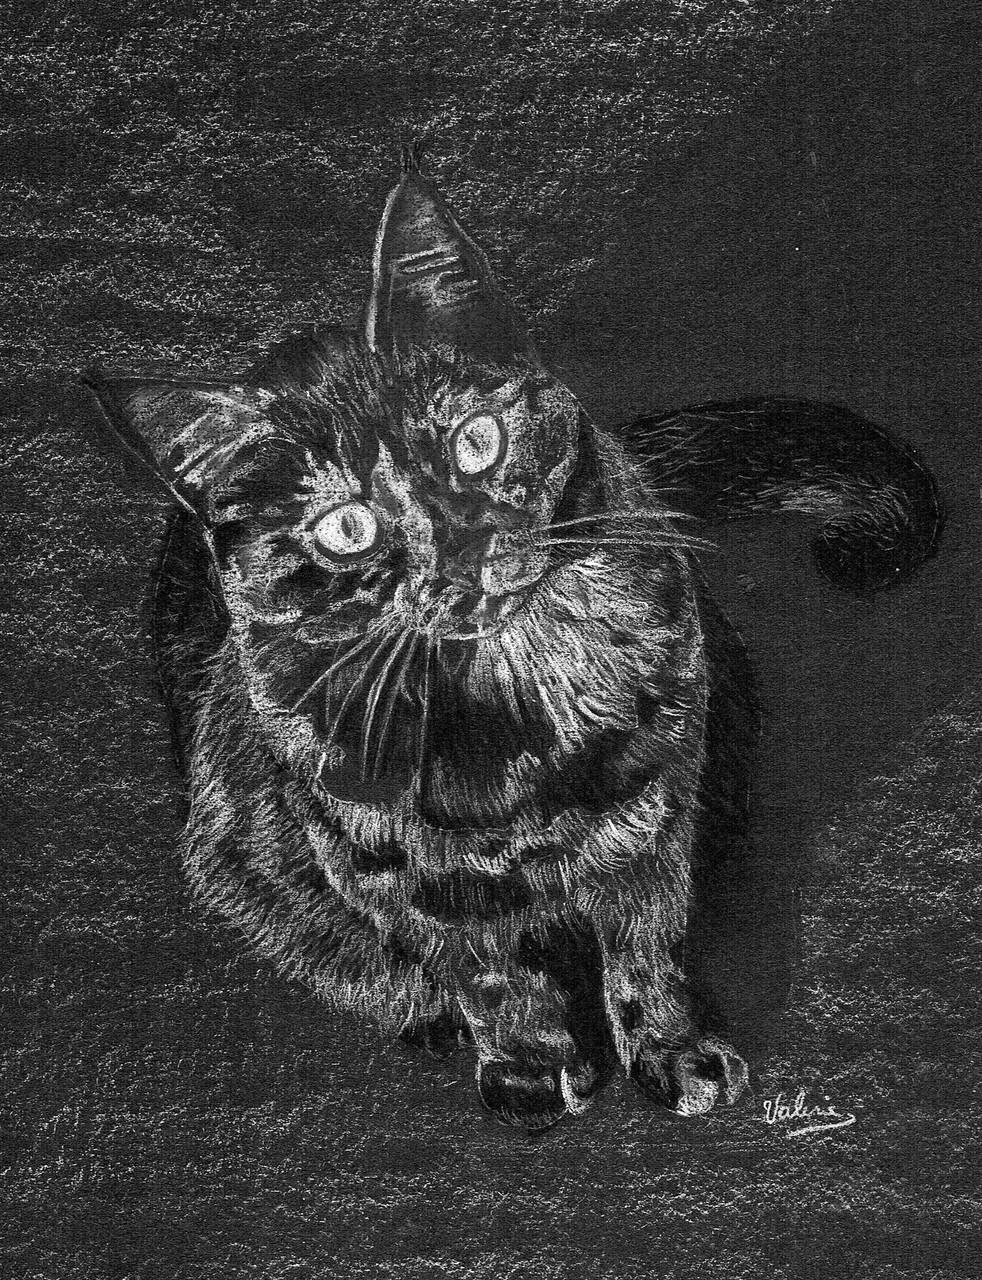 Dierenportret lapjeskat: Wit pastelpotlood en houtskool op zwart papier (2015)